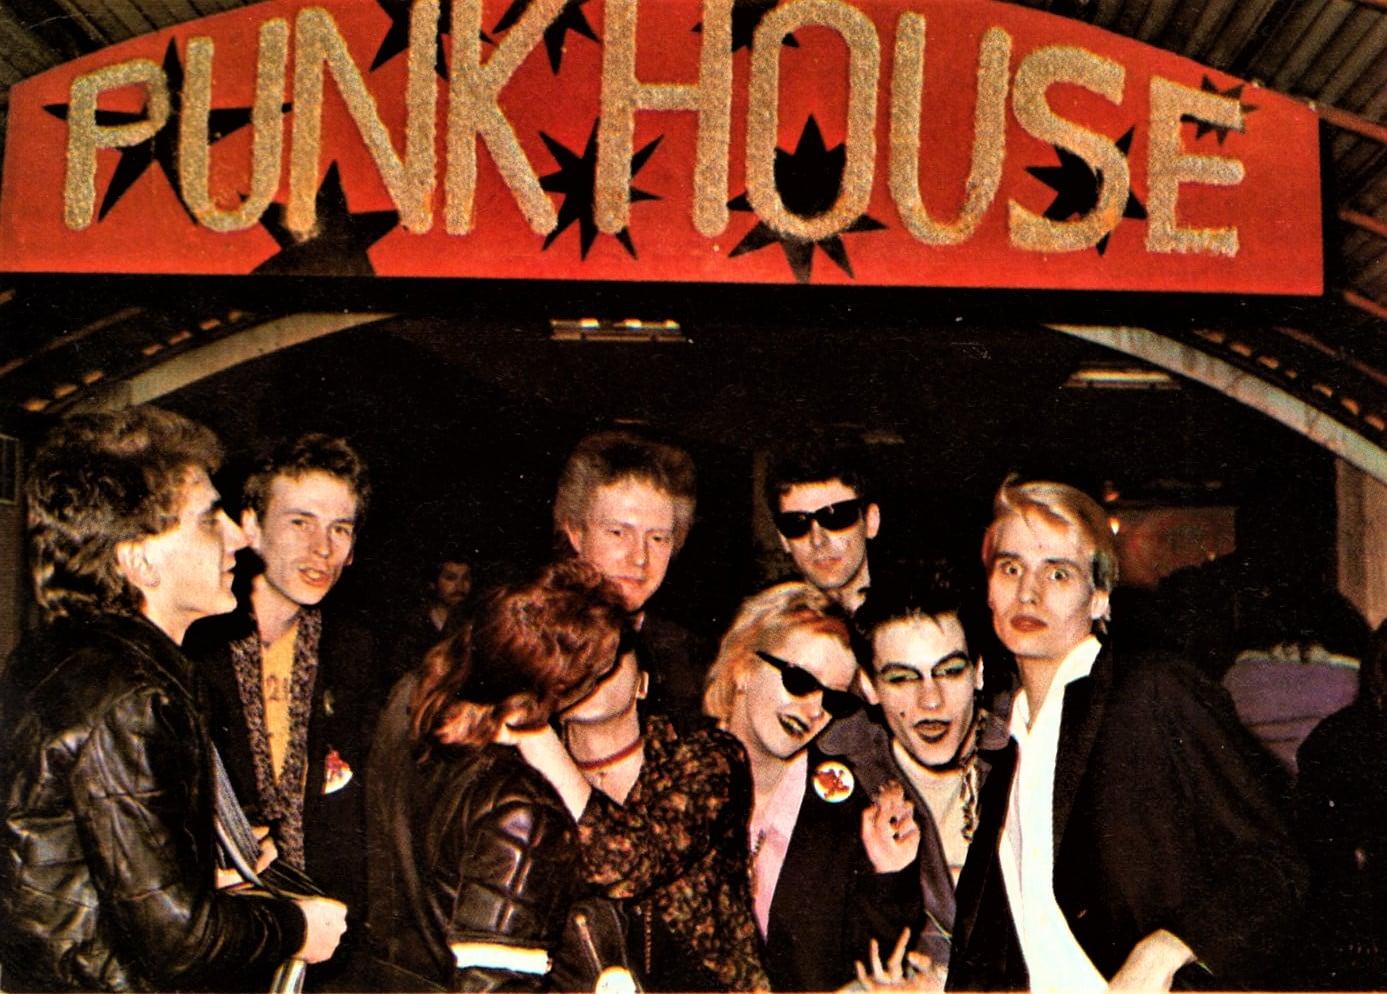 Clubs in West-Berlin: Das Punkhouse existierte nur kurz, läutete aber den Beginn der Punk-Ära in Berlin ein. Foto: Archiv Bernd Feuerhelm